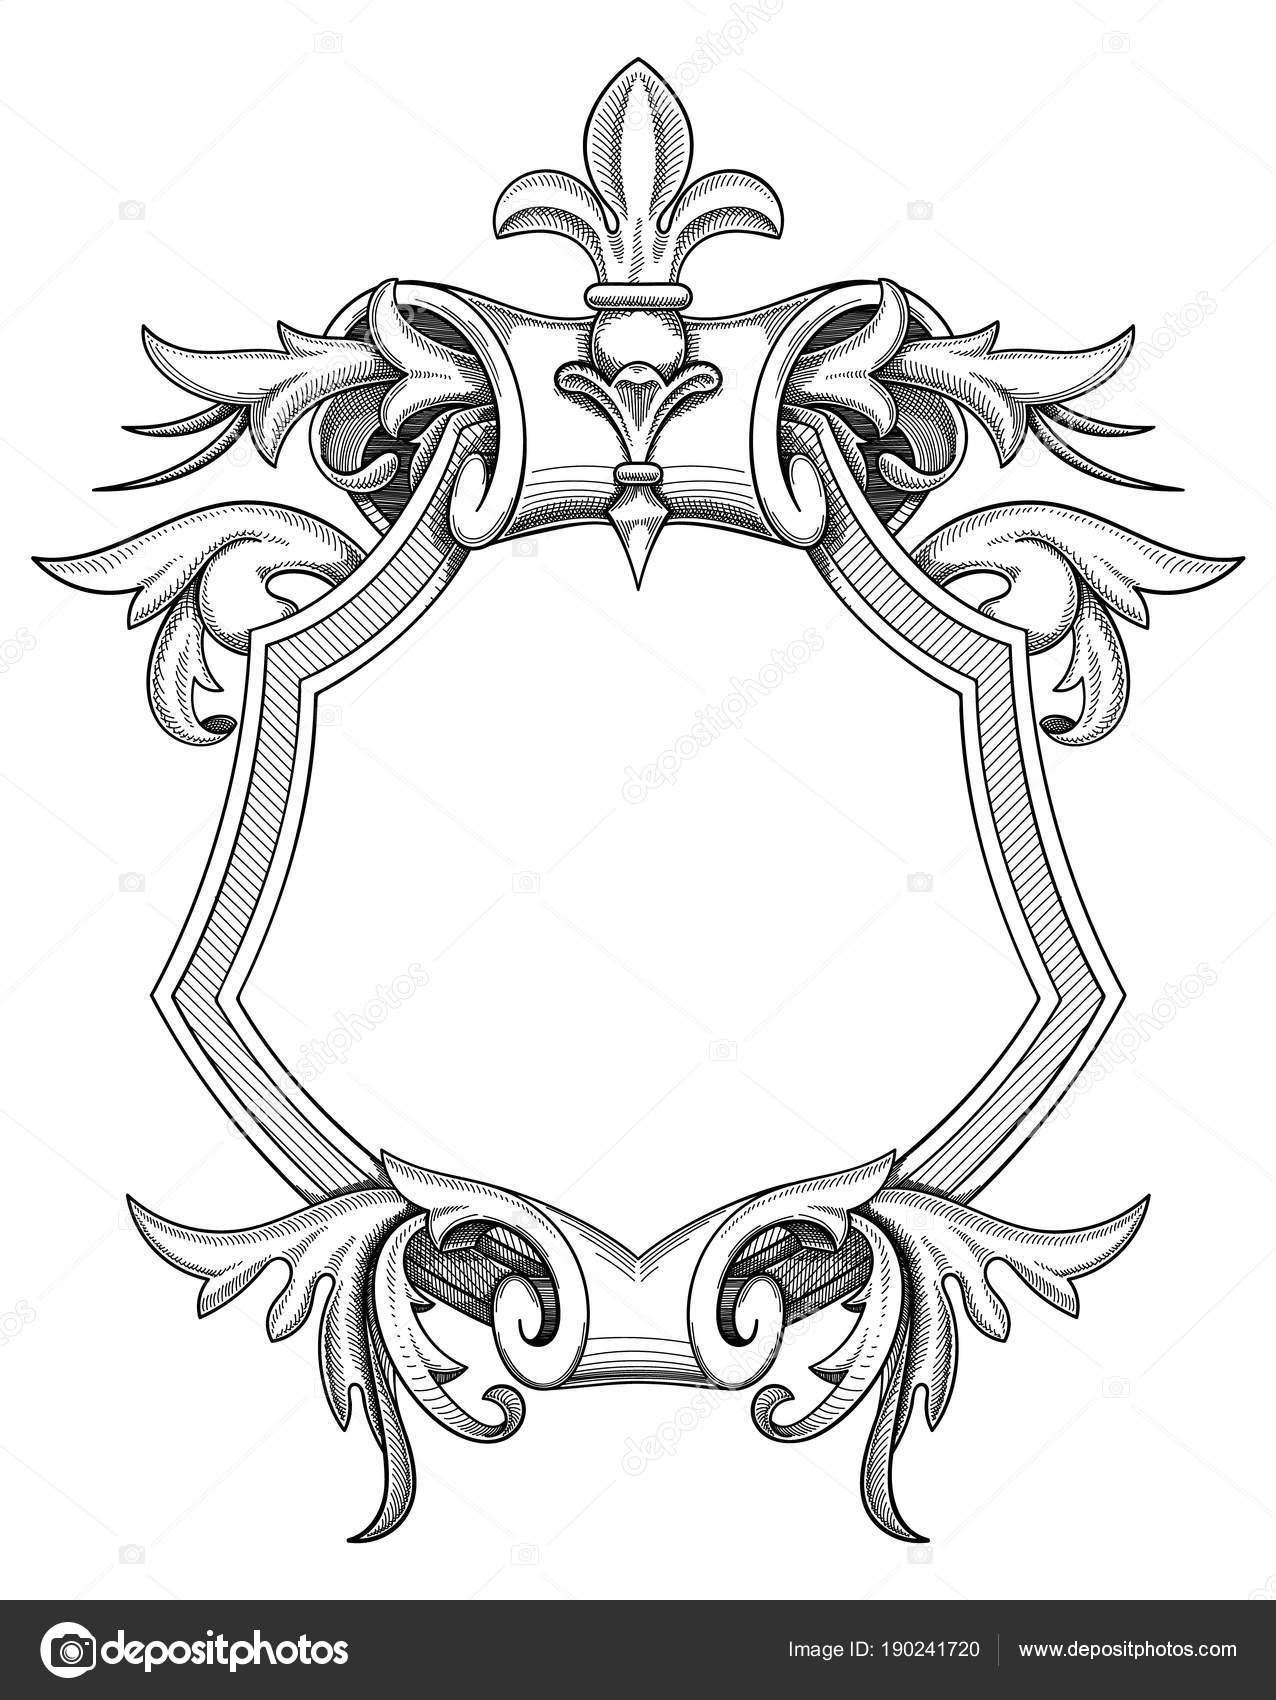 Dibujo de escudo barroco — Archivo Imágenes Vectoriales ...